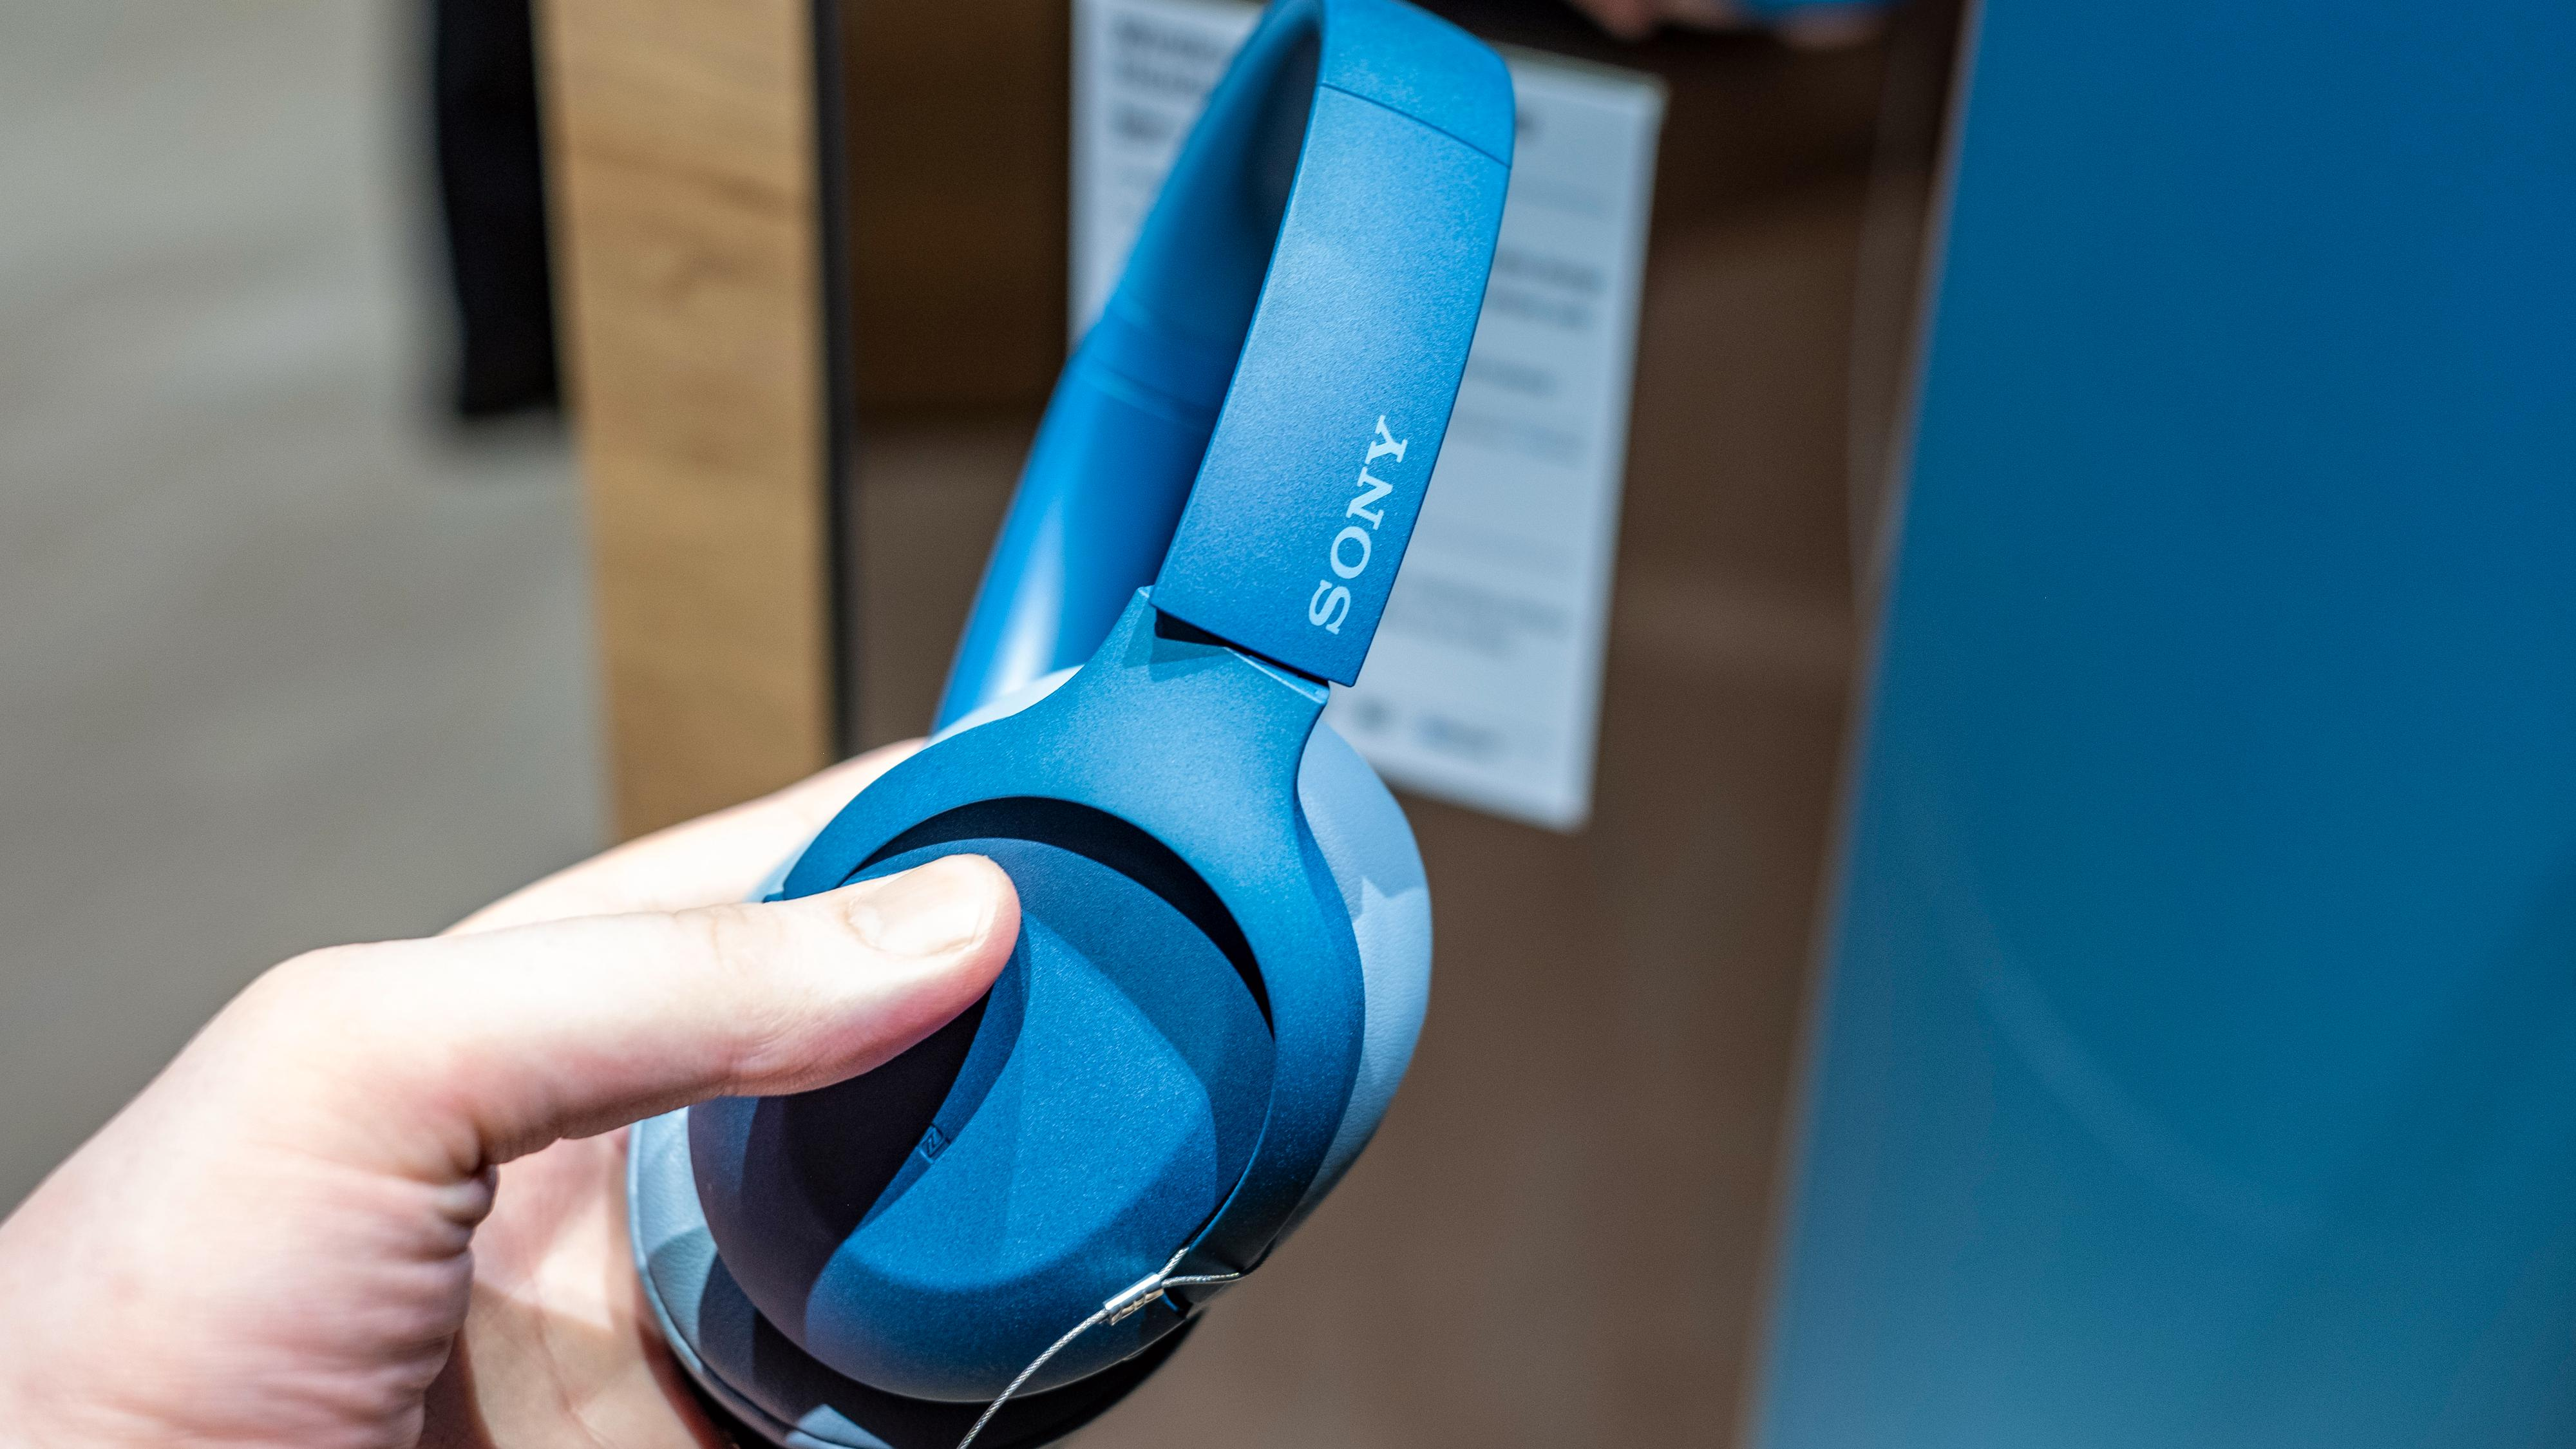 Nye og tøffe farger preger de nye WH-H910N-hodetelefonene. Sonys vanlige toppmodeller er langt mer forsiktige i uttrykket.